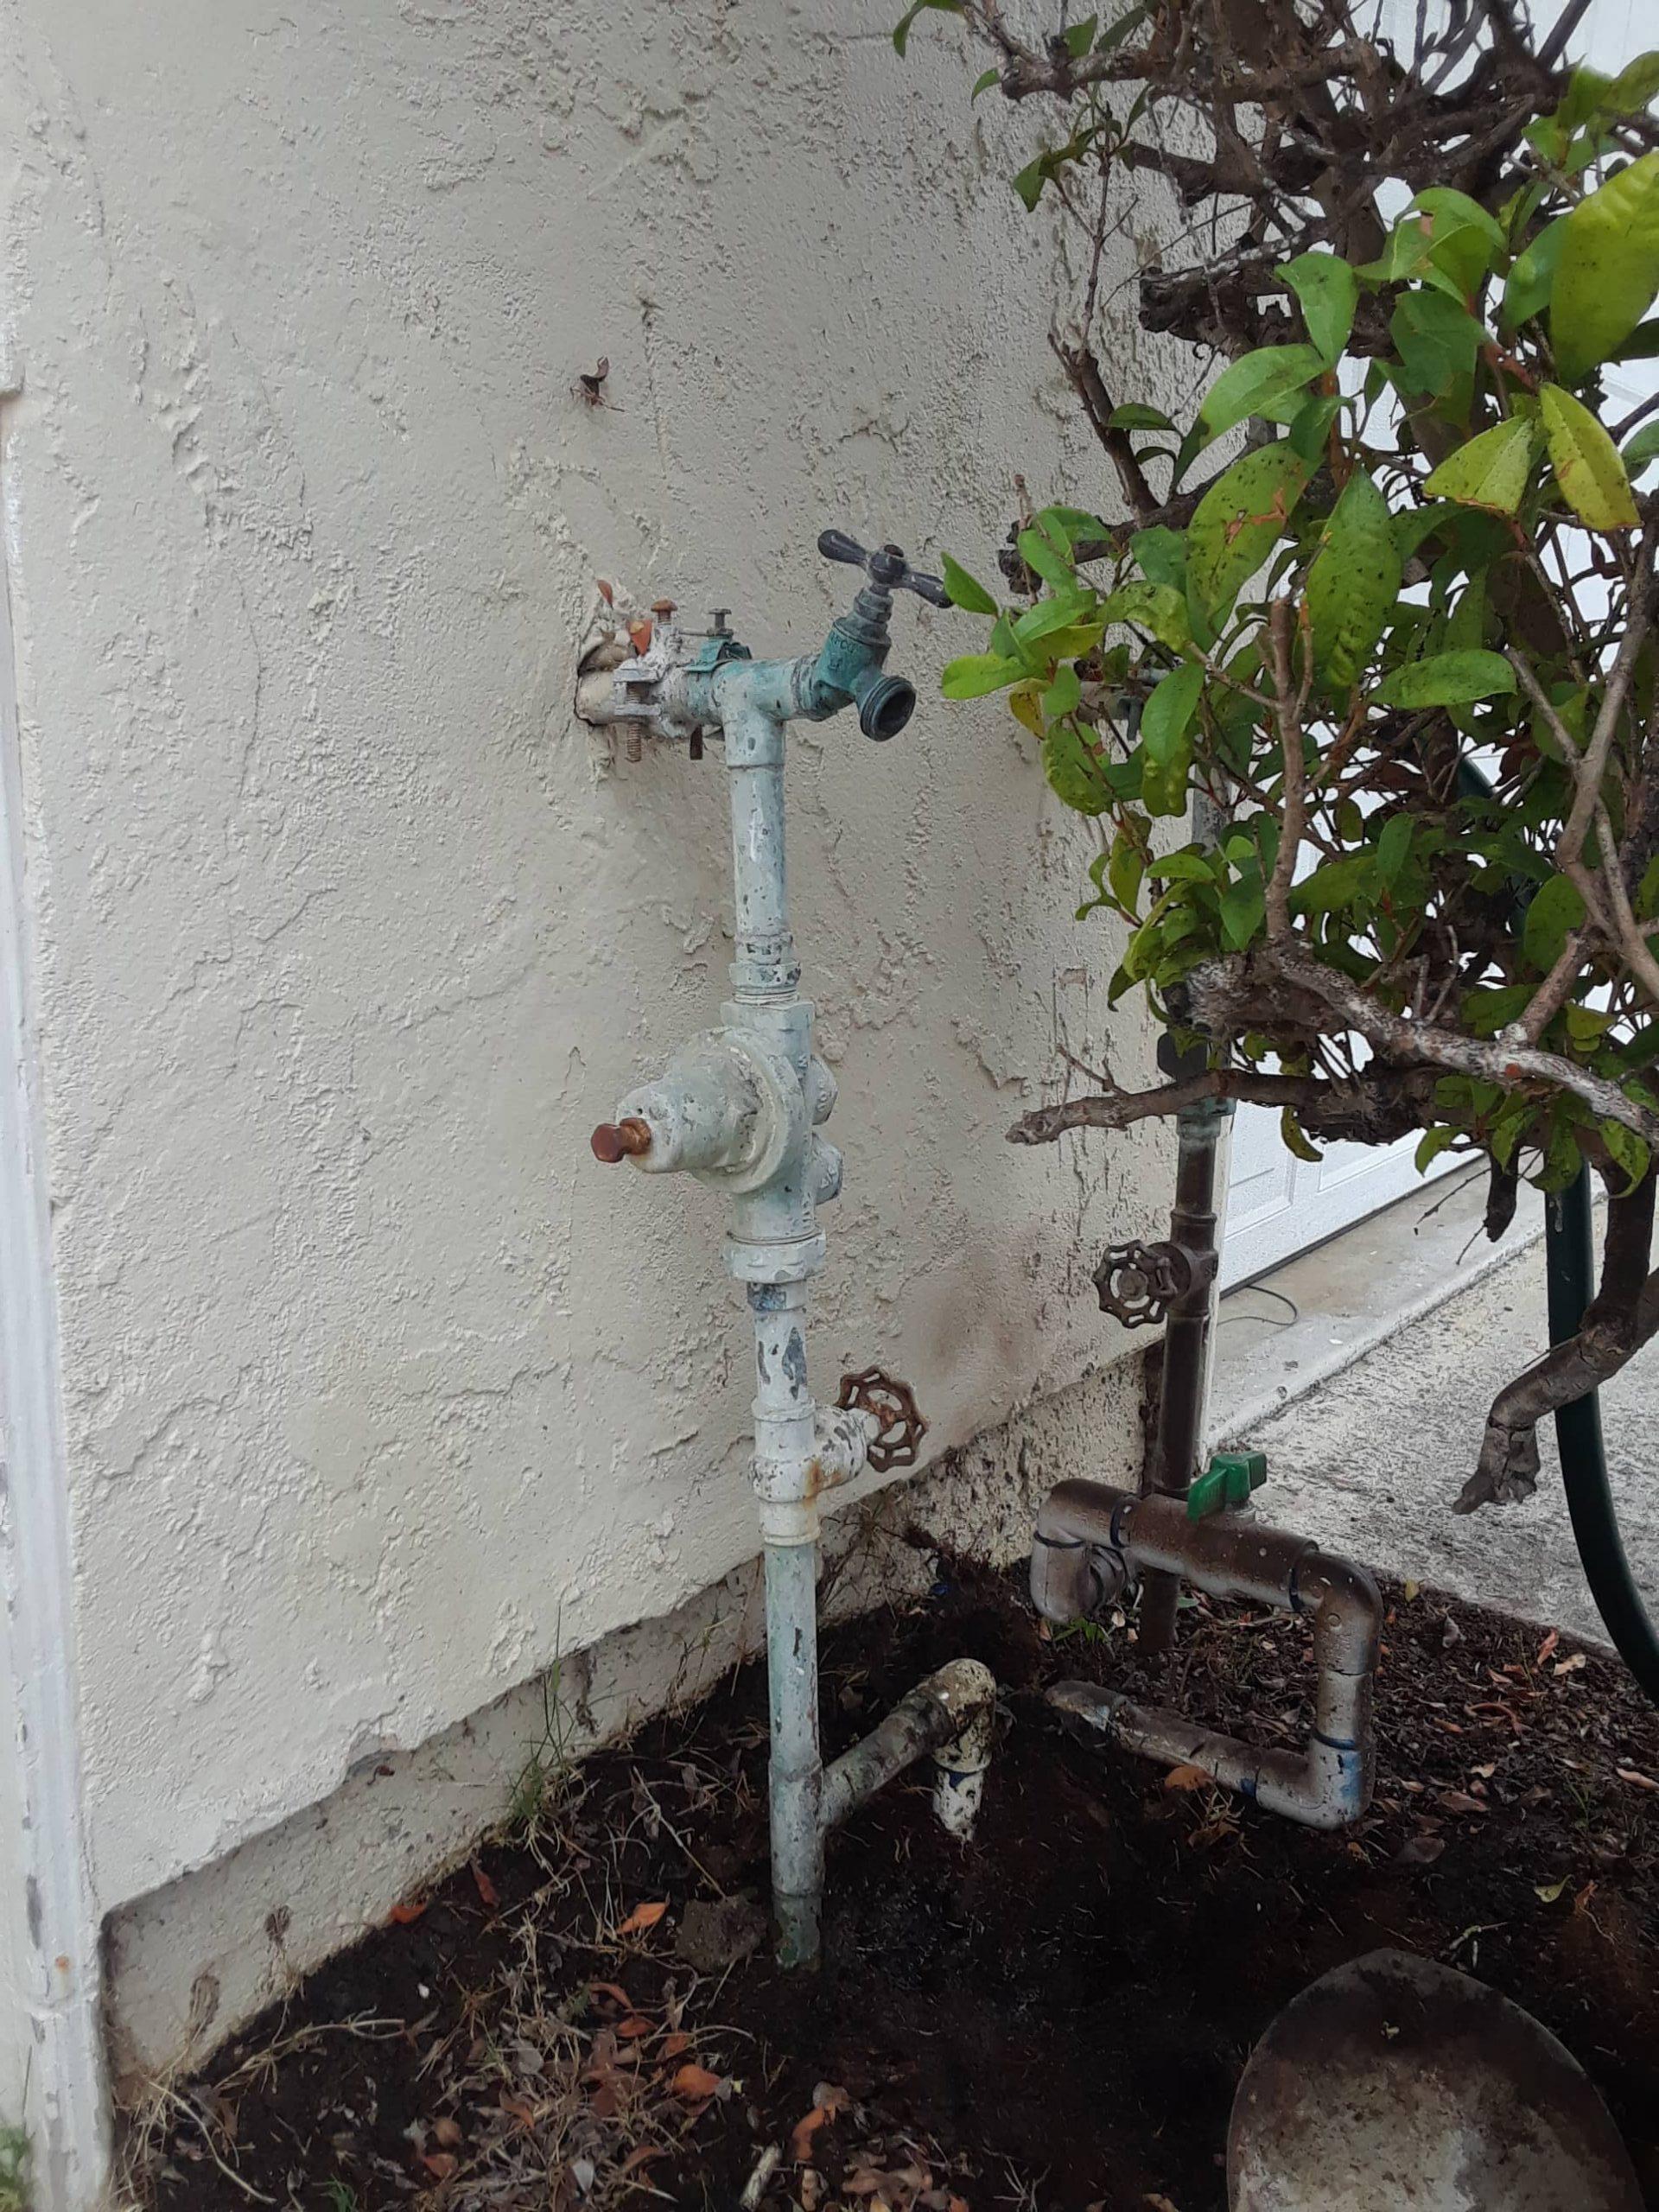 Damaged hose pipe